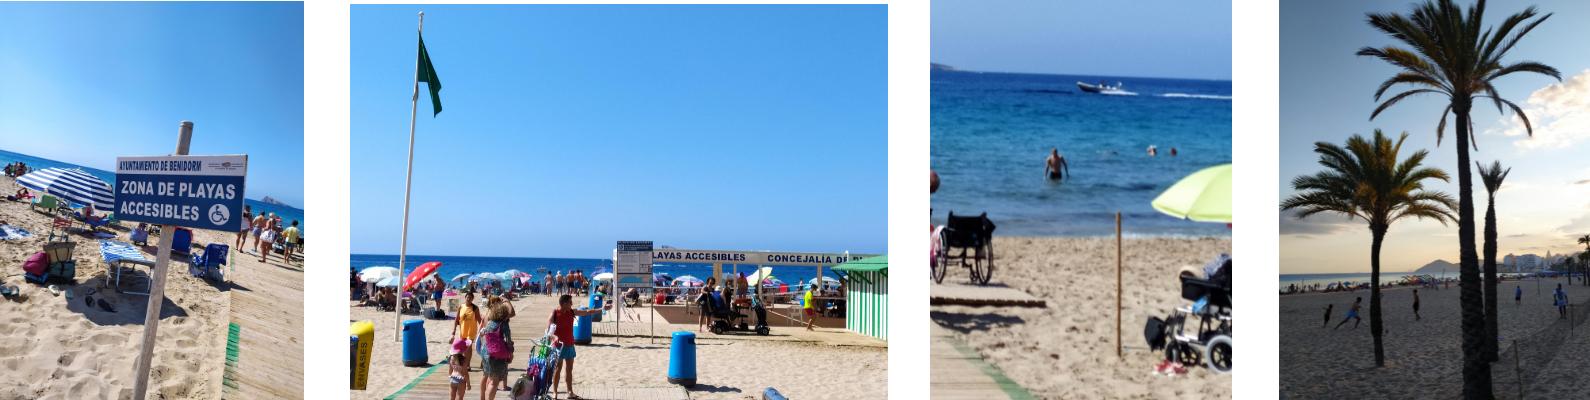 imágenes de playas accesibles en Benidor